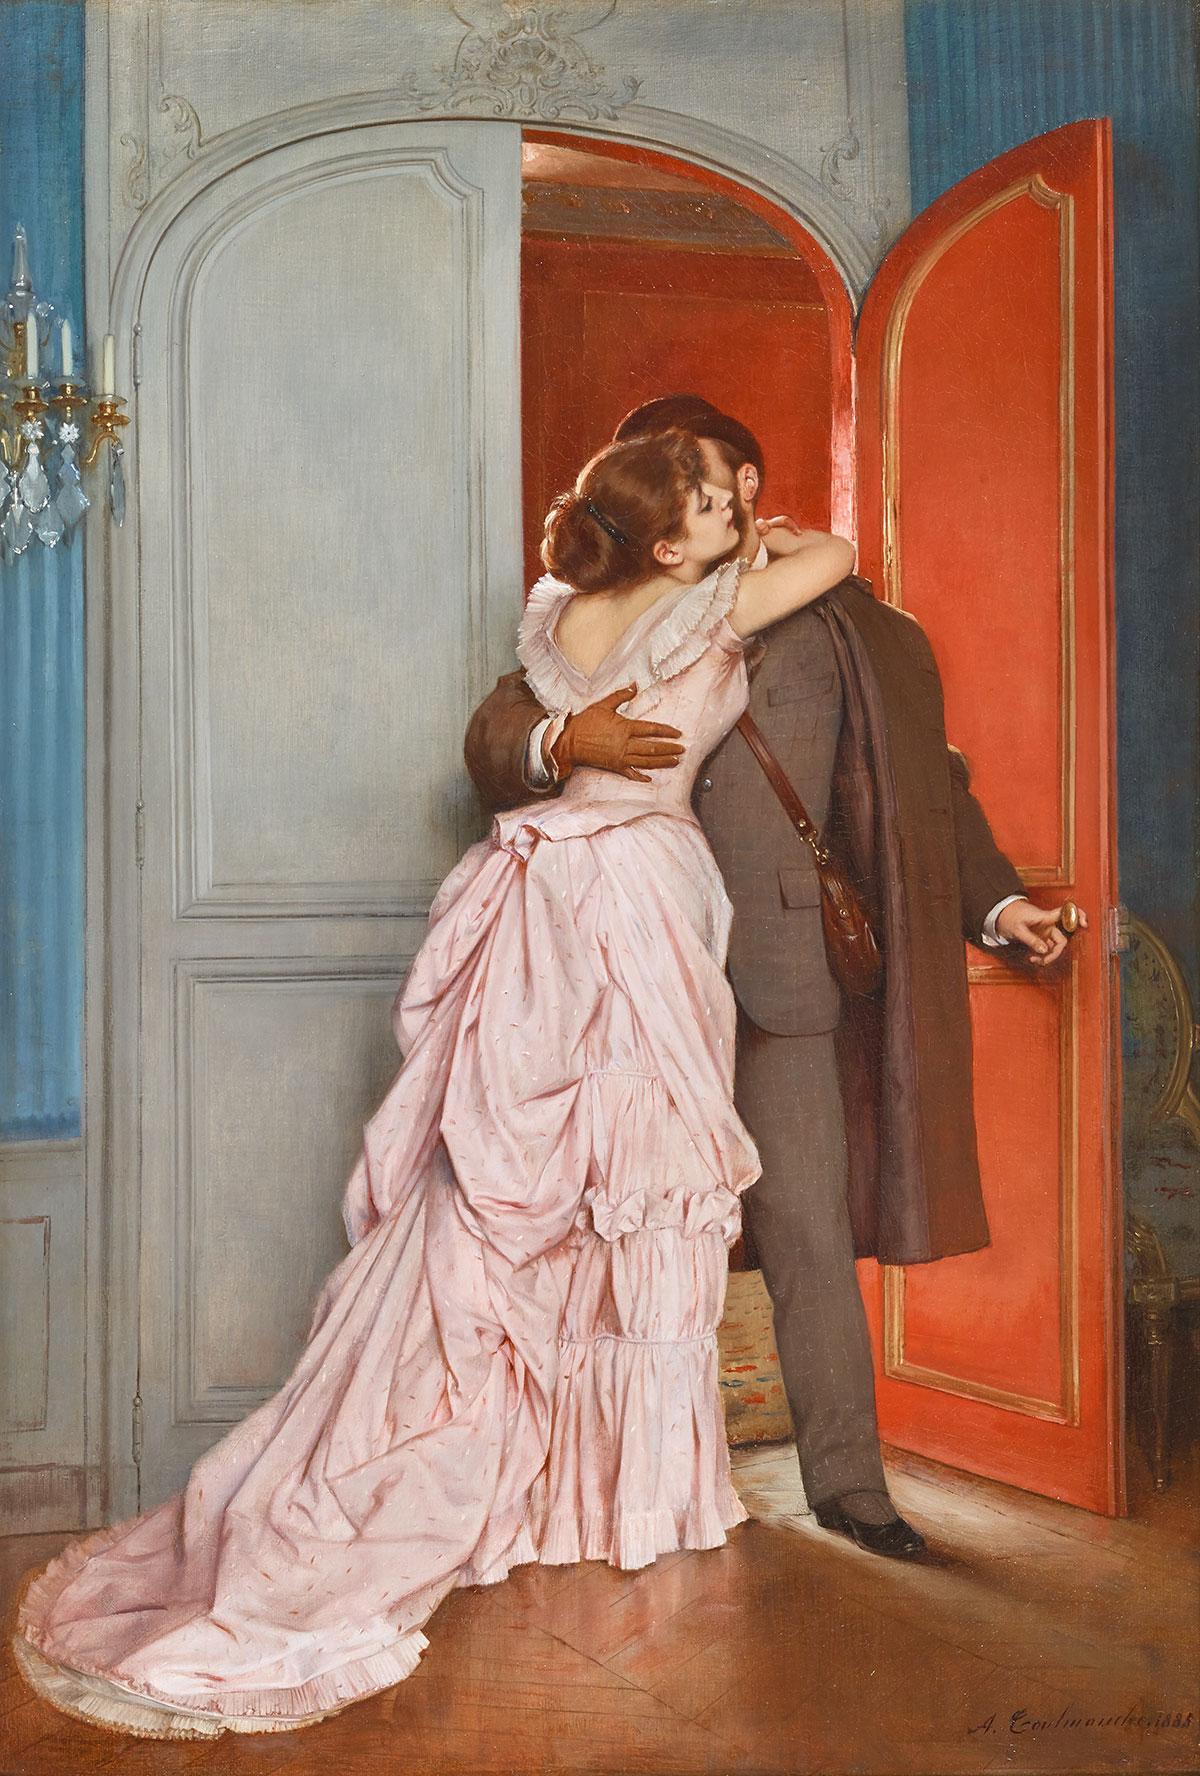 Le Baiser, Toulmouche, 1885